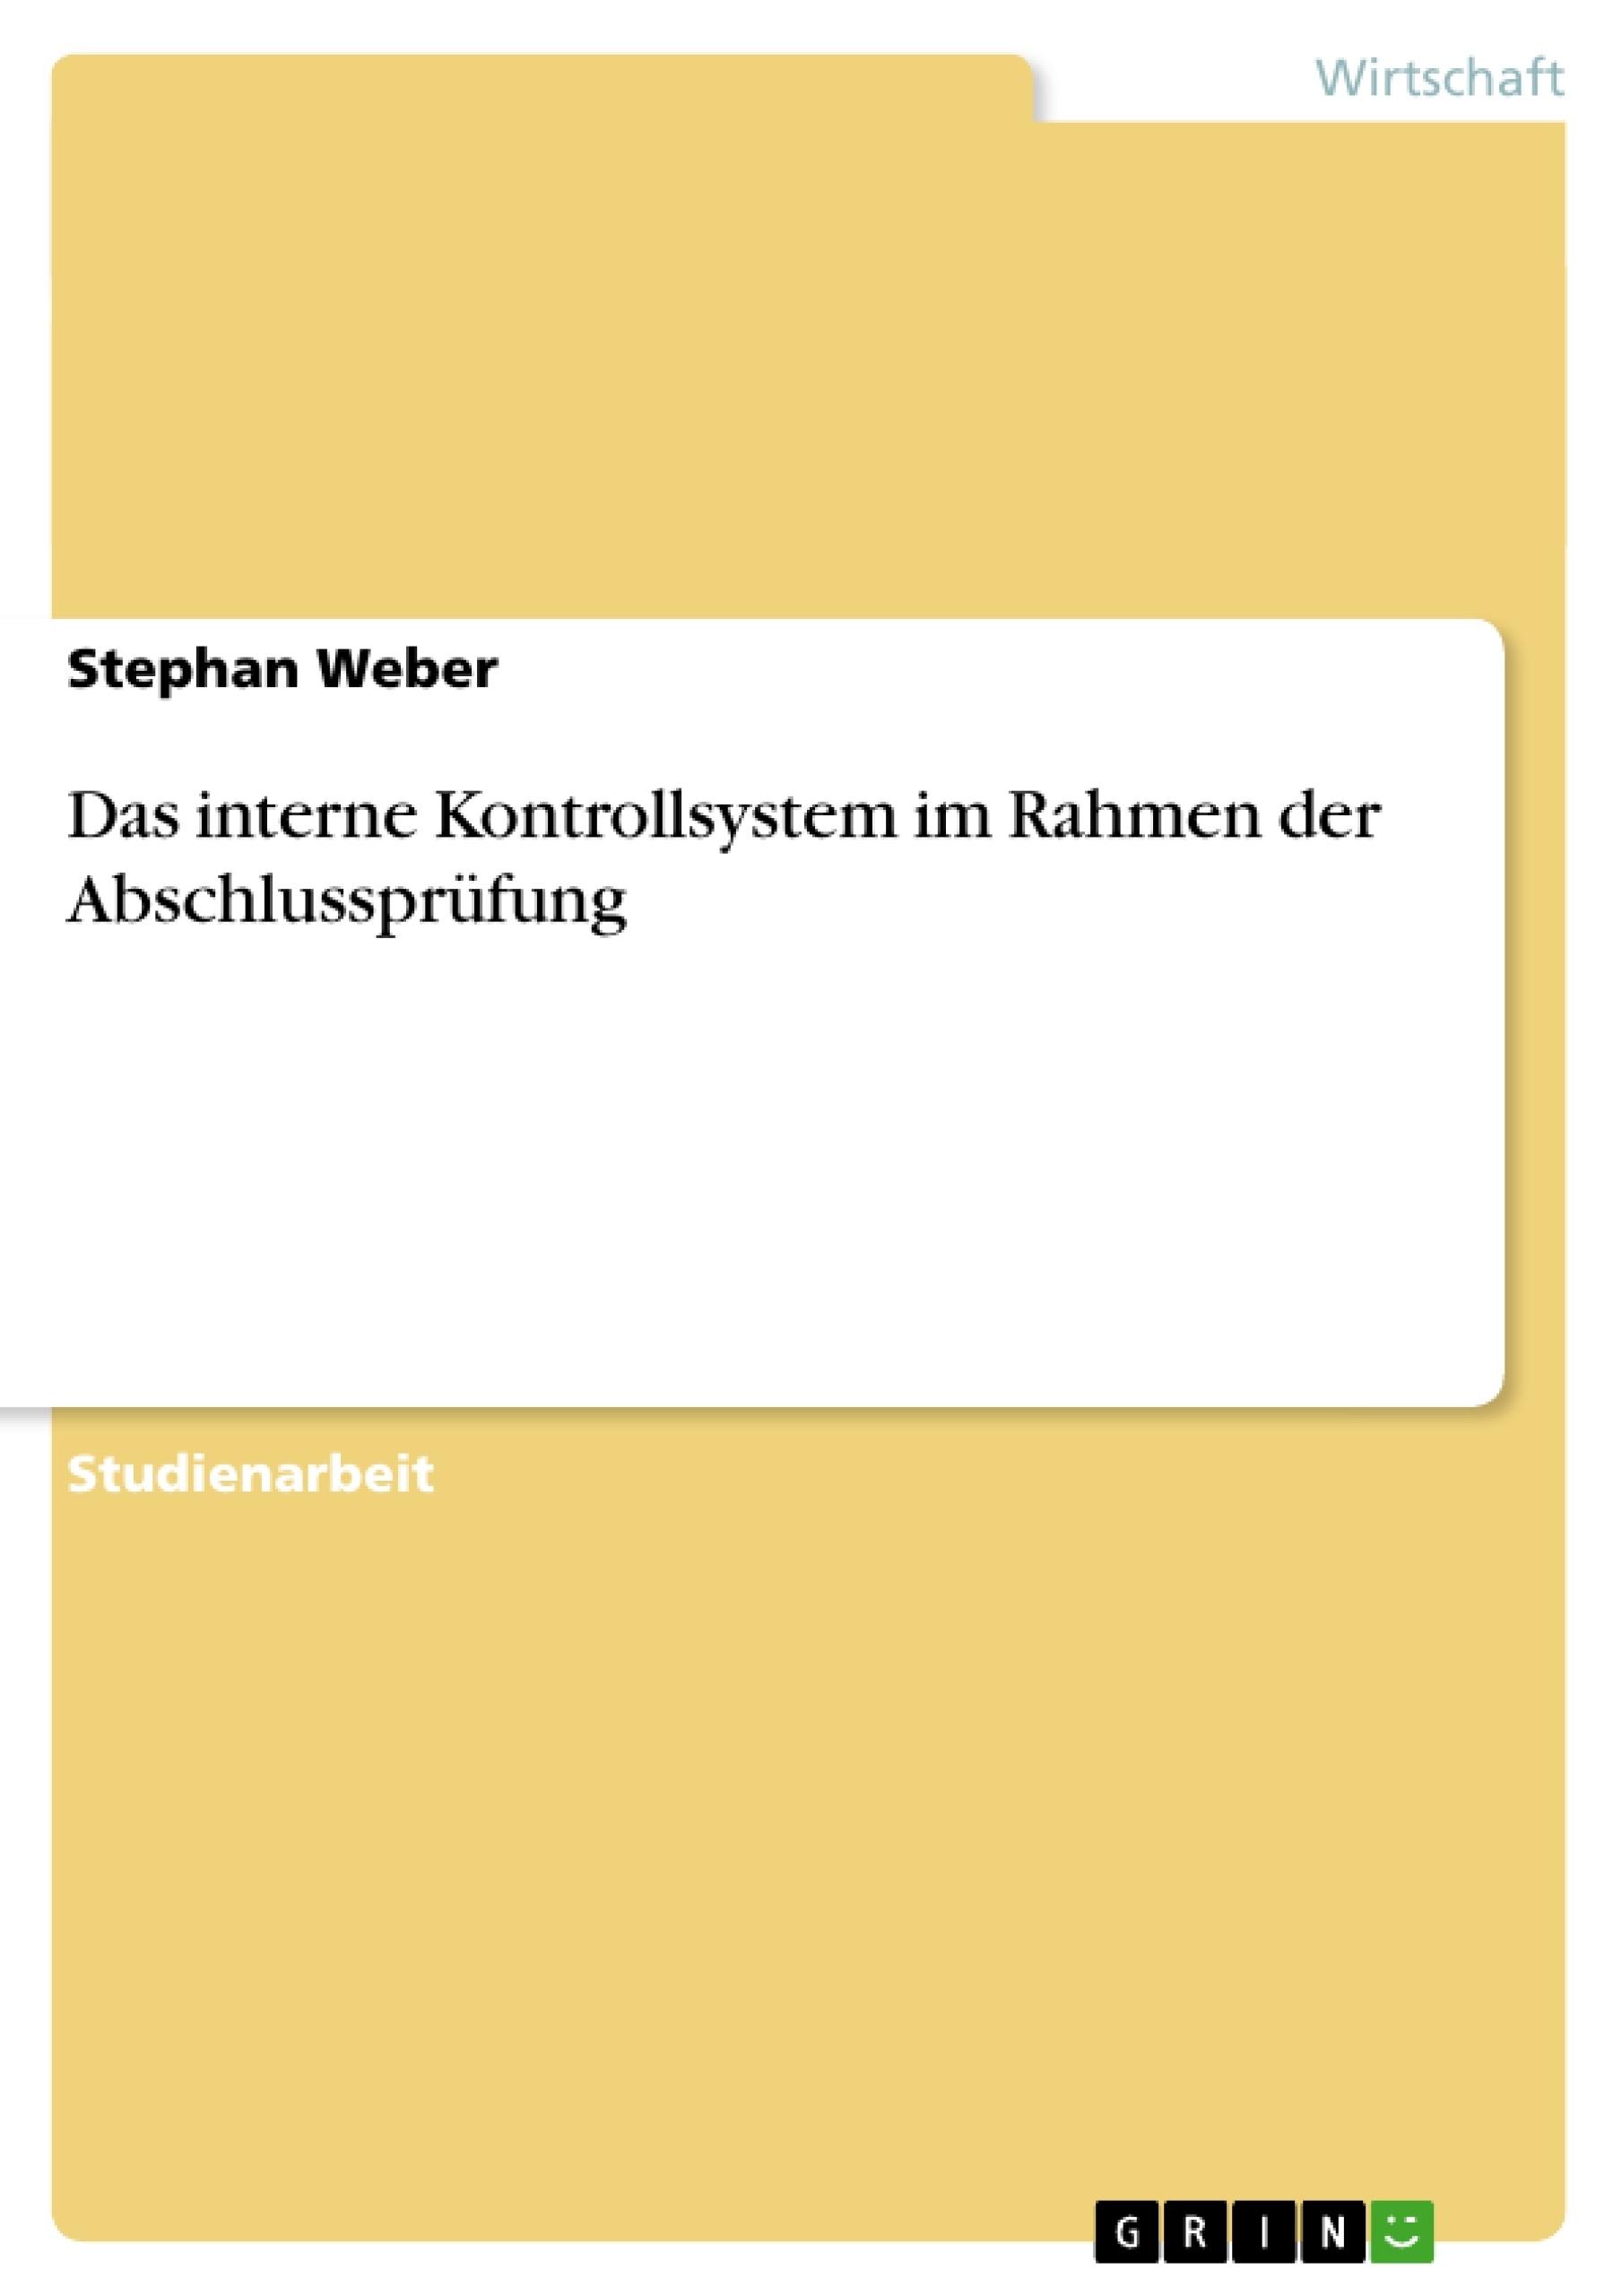 Titel: Das interne Kontrollsystem im Rahmen der Abschlussprüfung